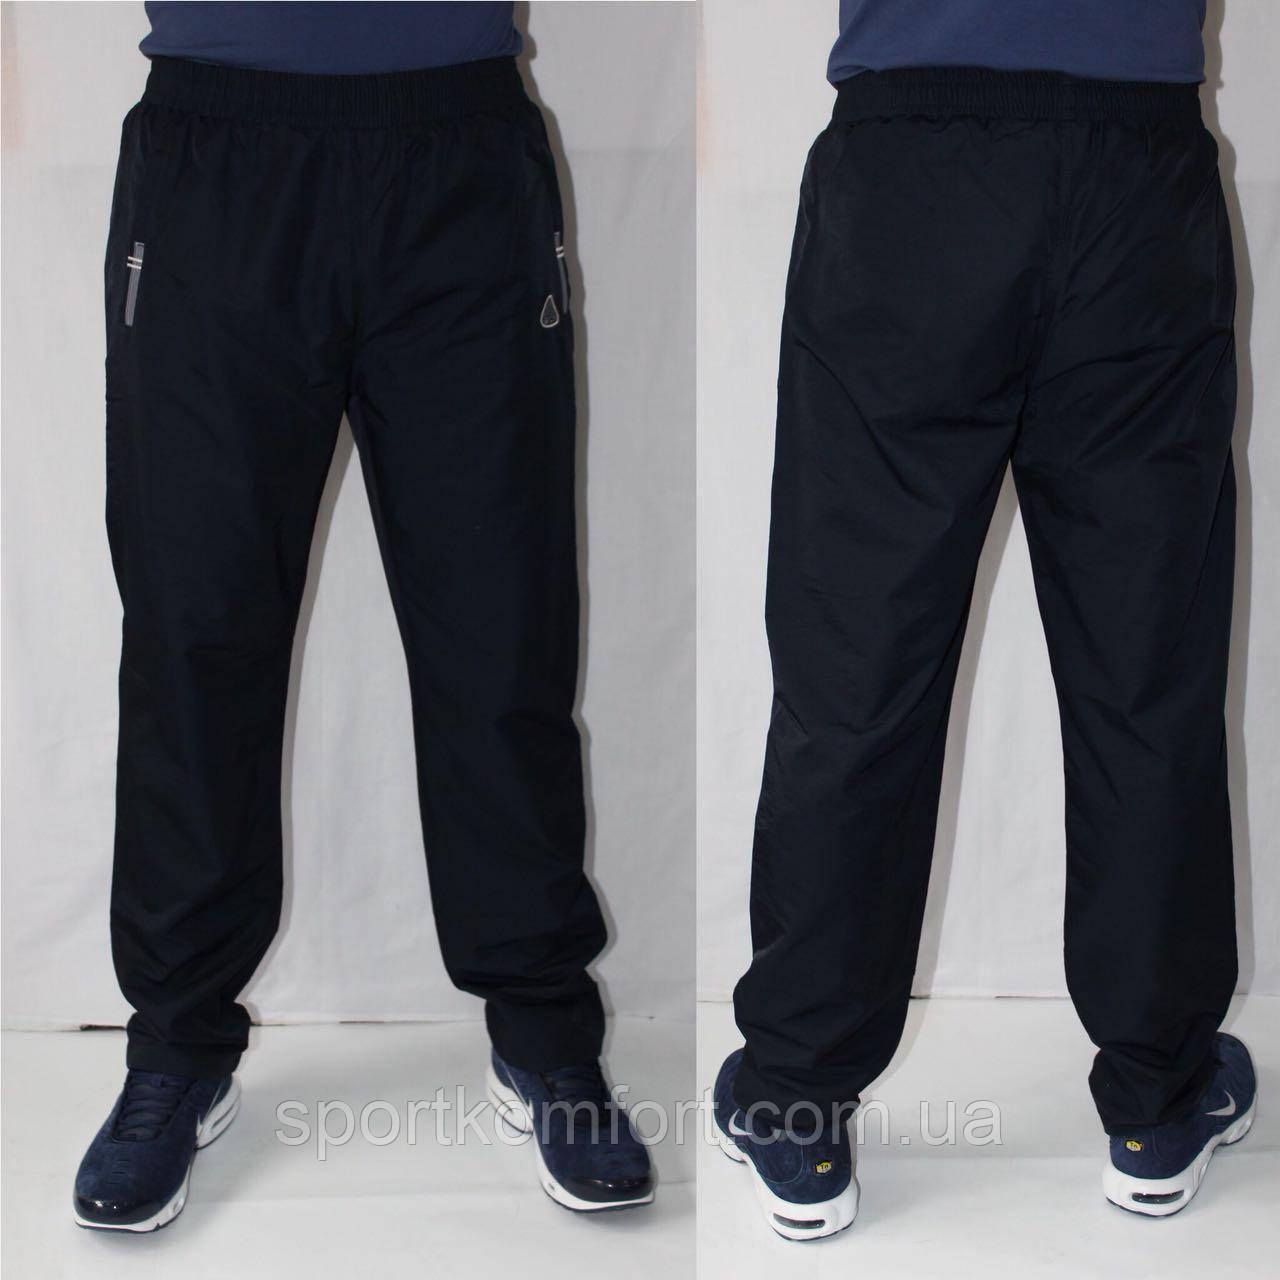 Мужские спортивные штаны турецкие трикотажные Турция SOCCER хлопок 70